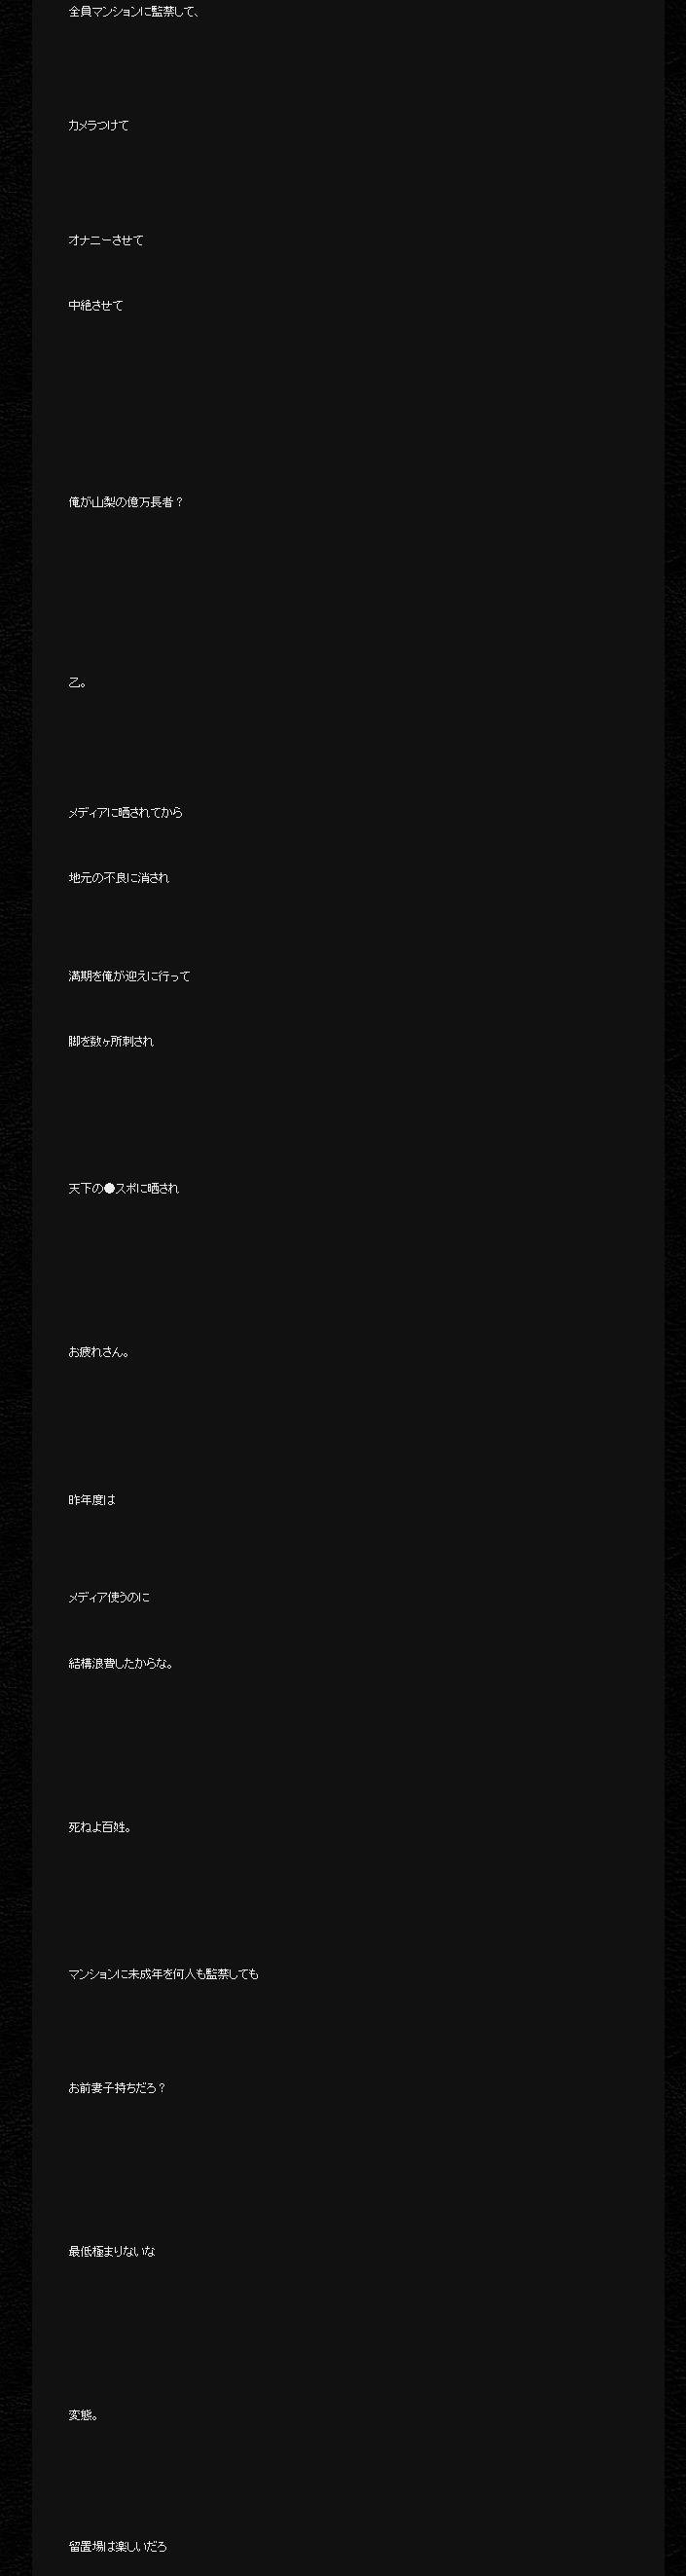 8瓜田純士×国内最大暴力団×日本国警察行政